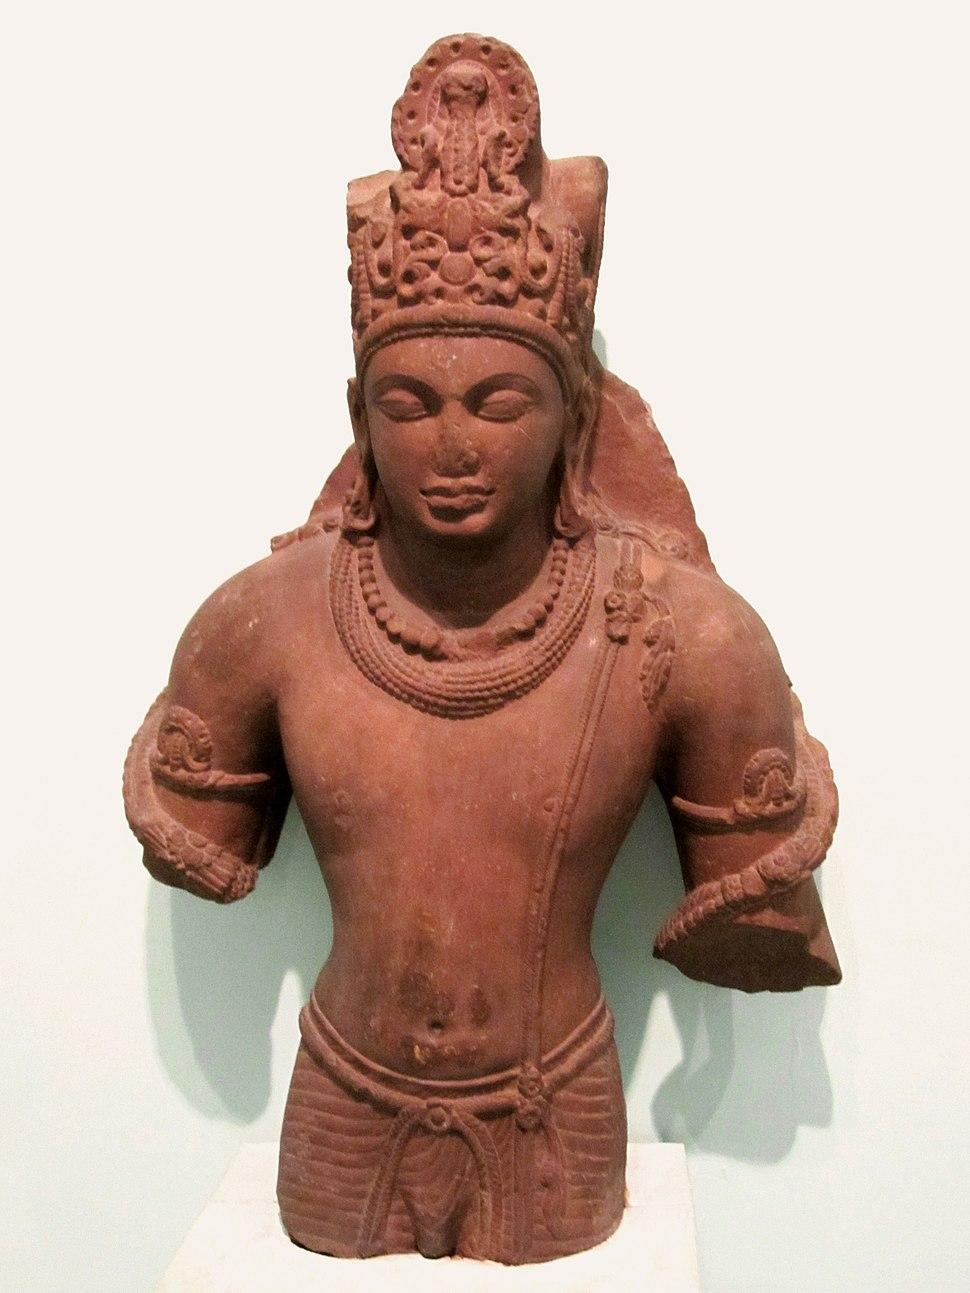 Vishnu sculpture